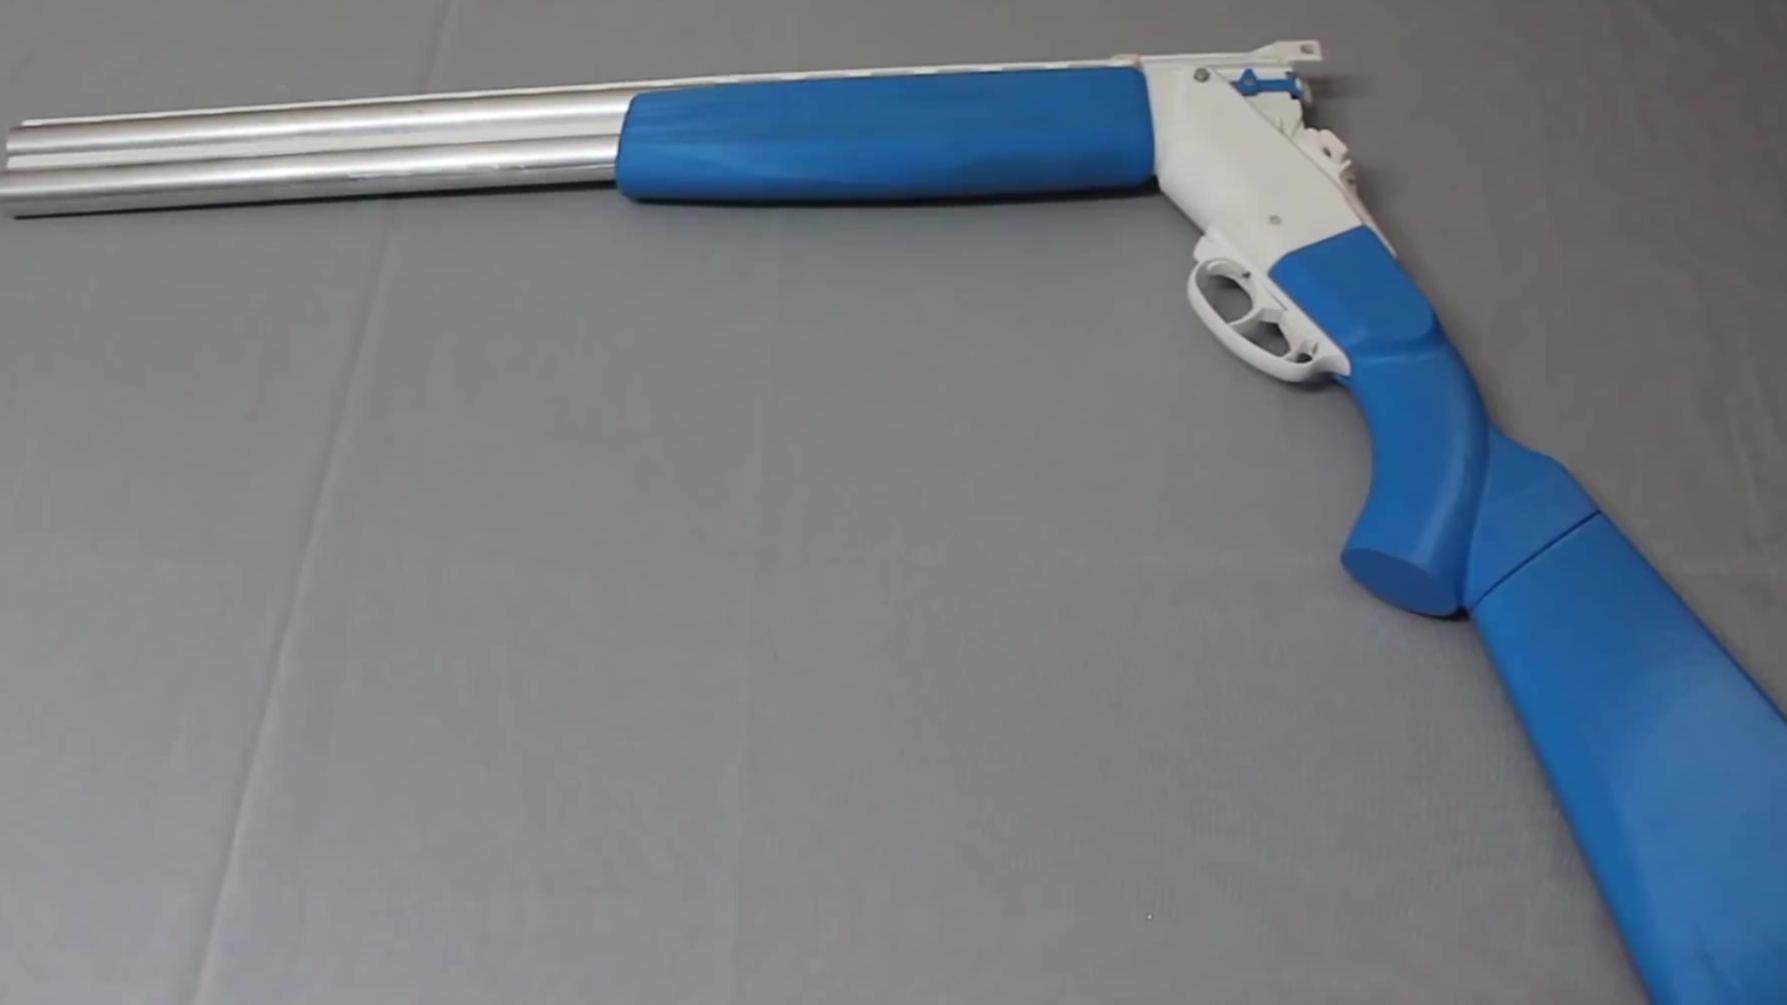 3D 打印 模型玩具散弹枪